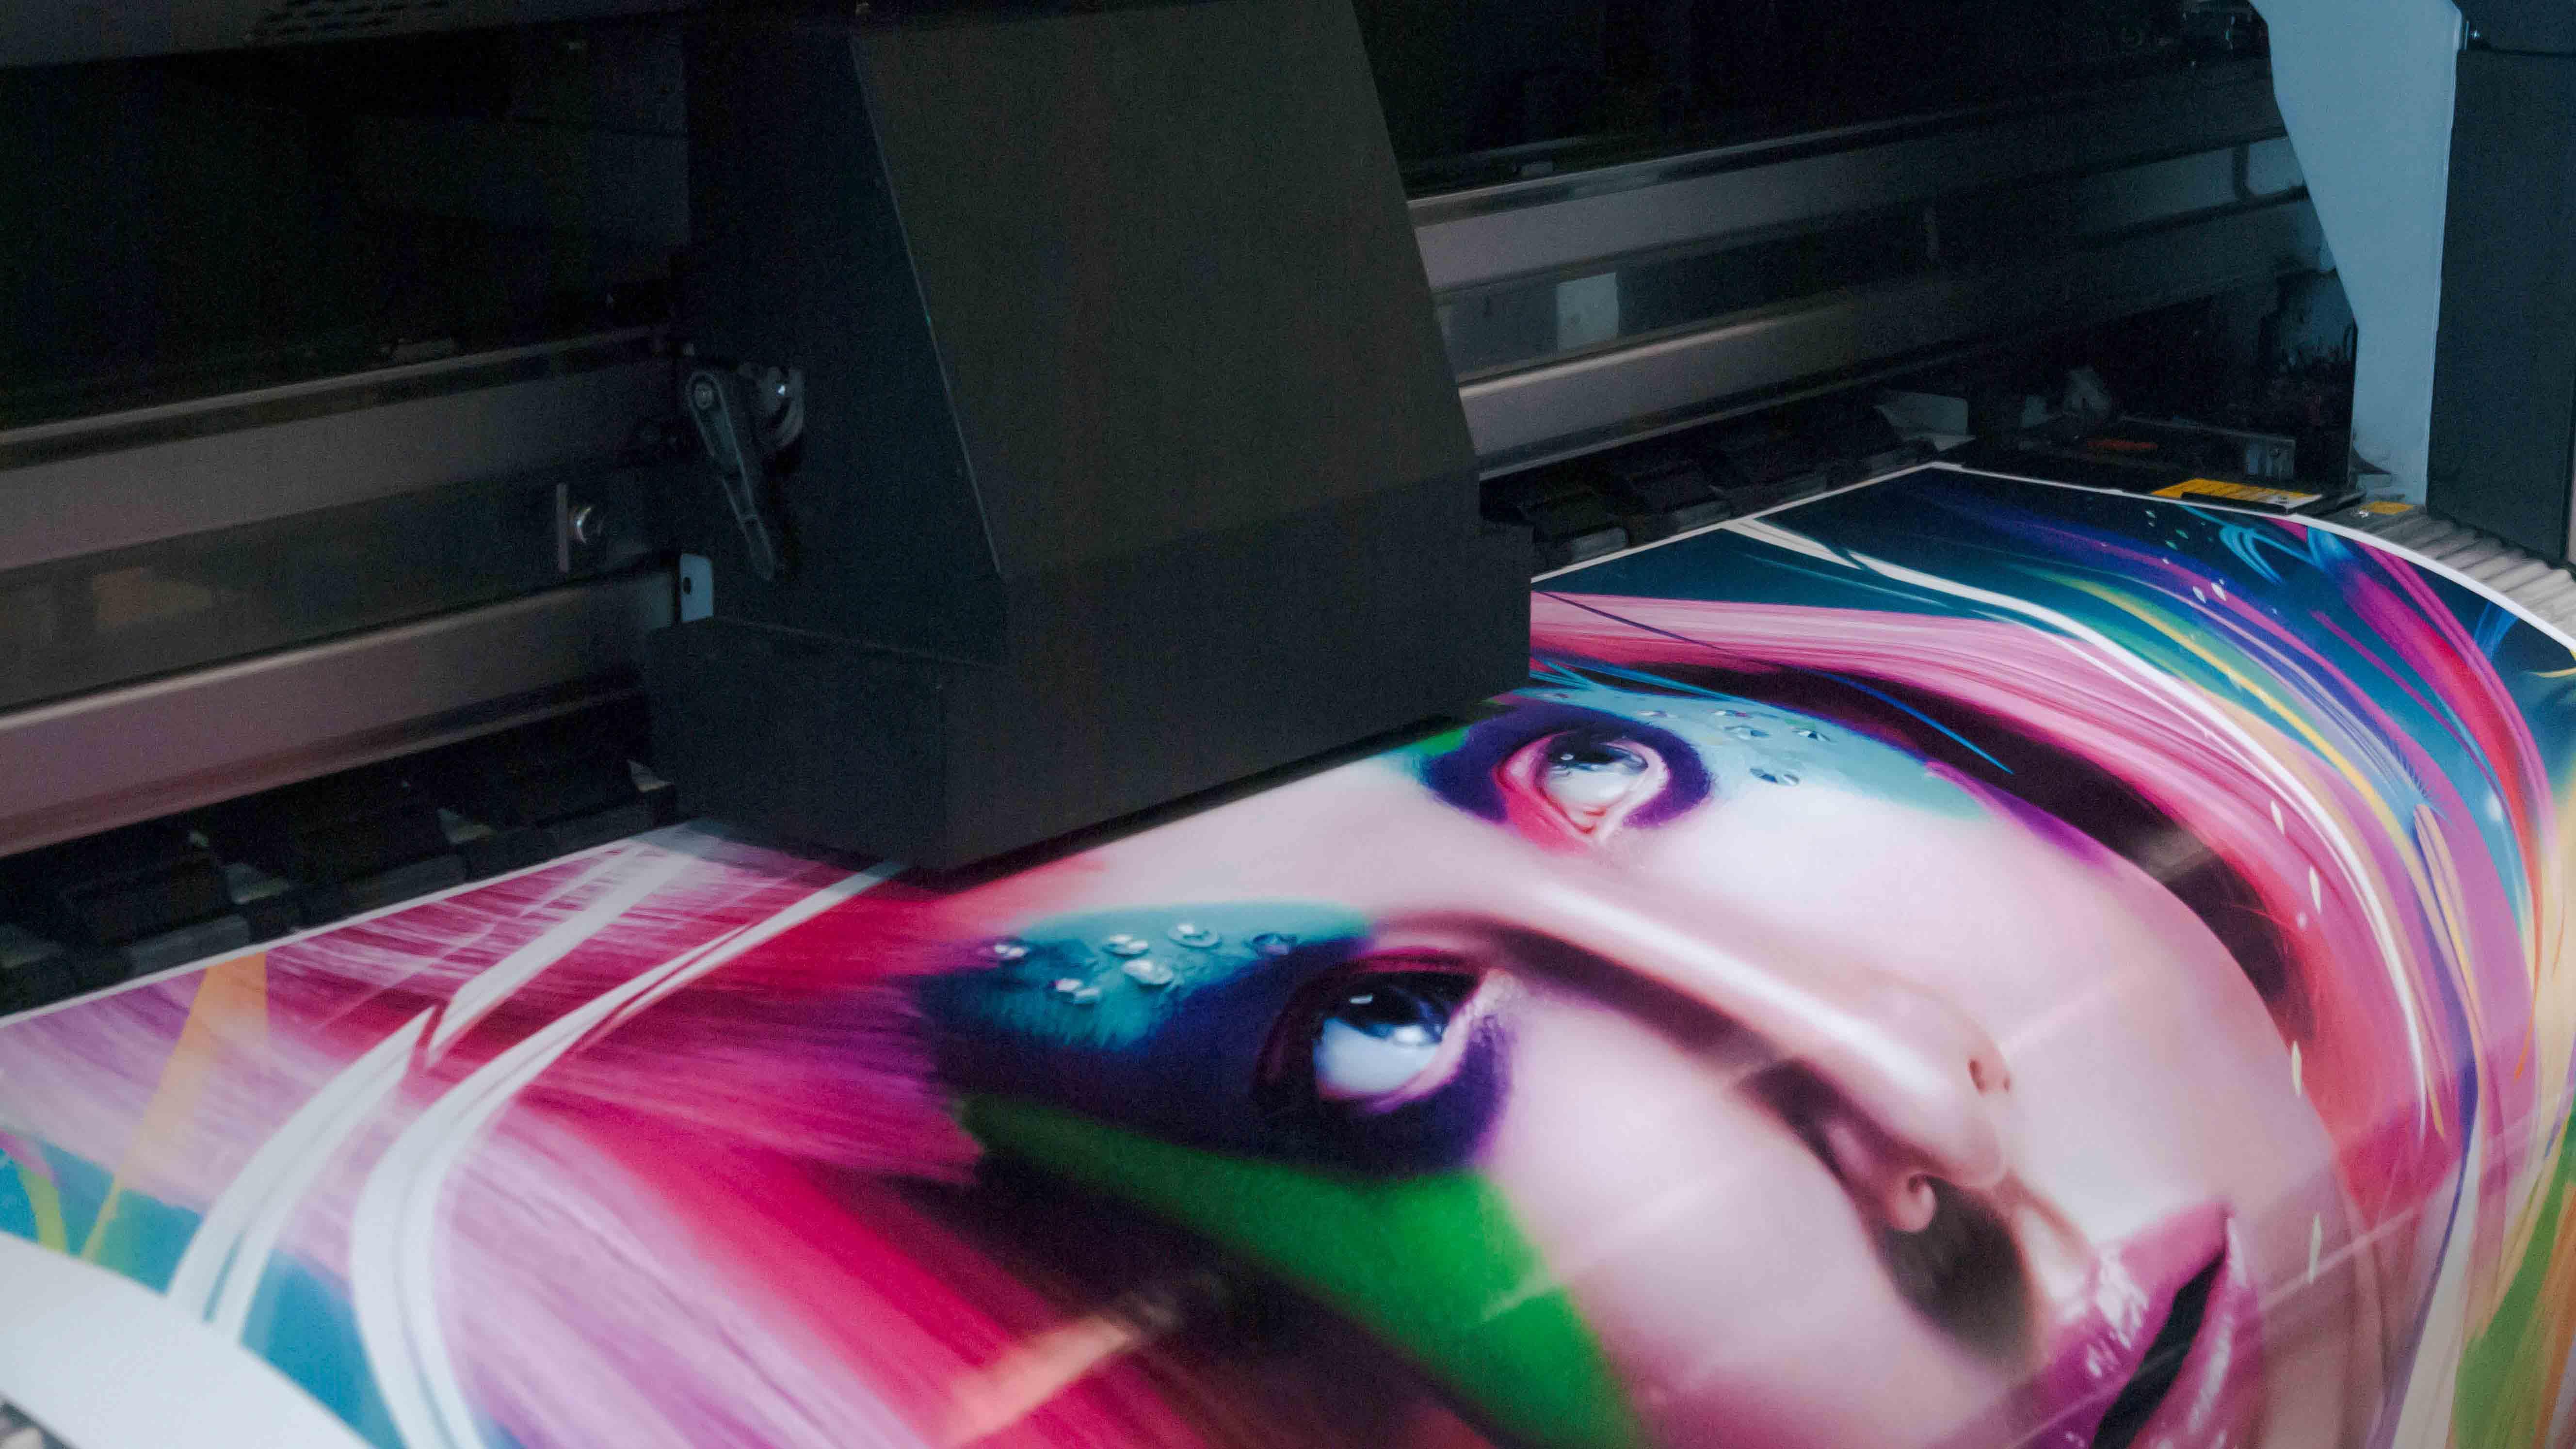 stampa digitale pannelli fotografici ad alta risoluzione